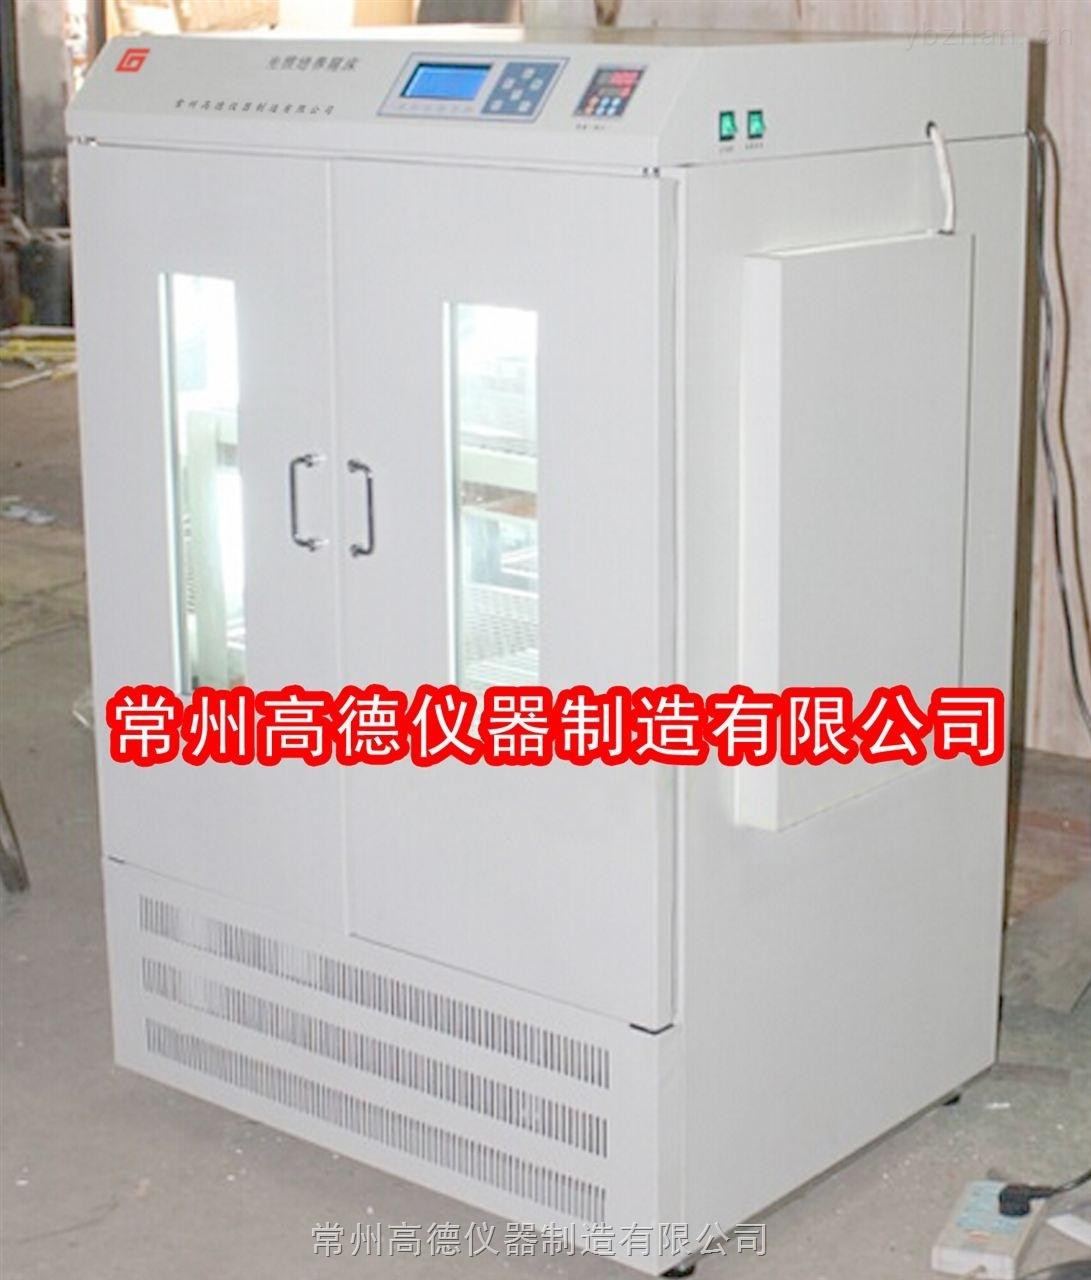 ZQLY-380B-恒溫振蕩光照培養箱